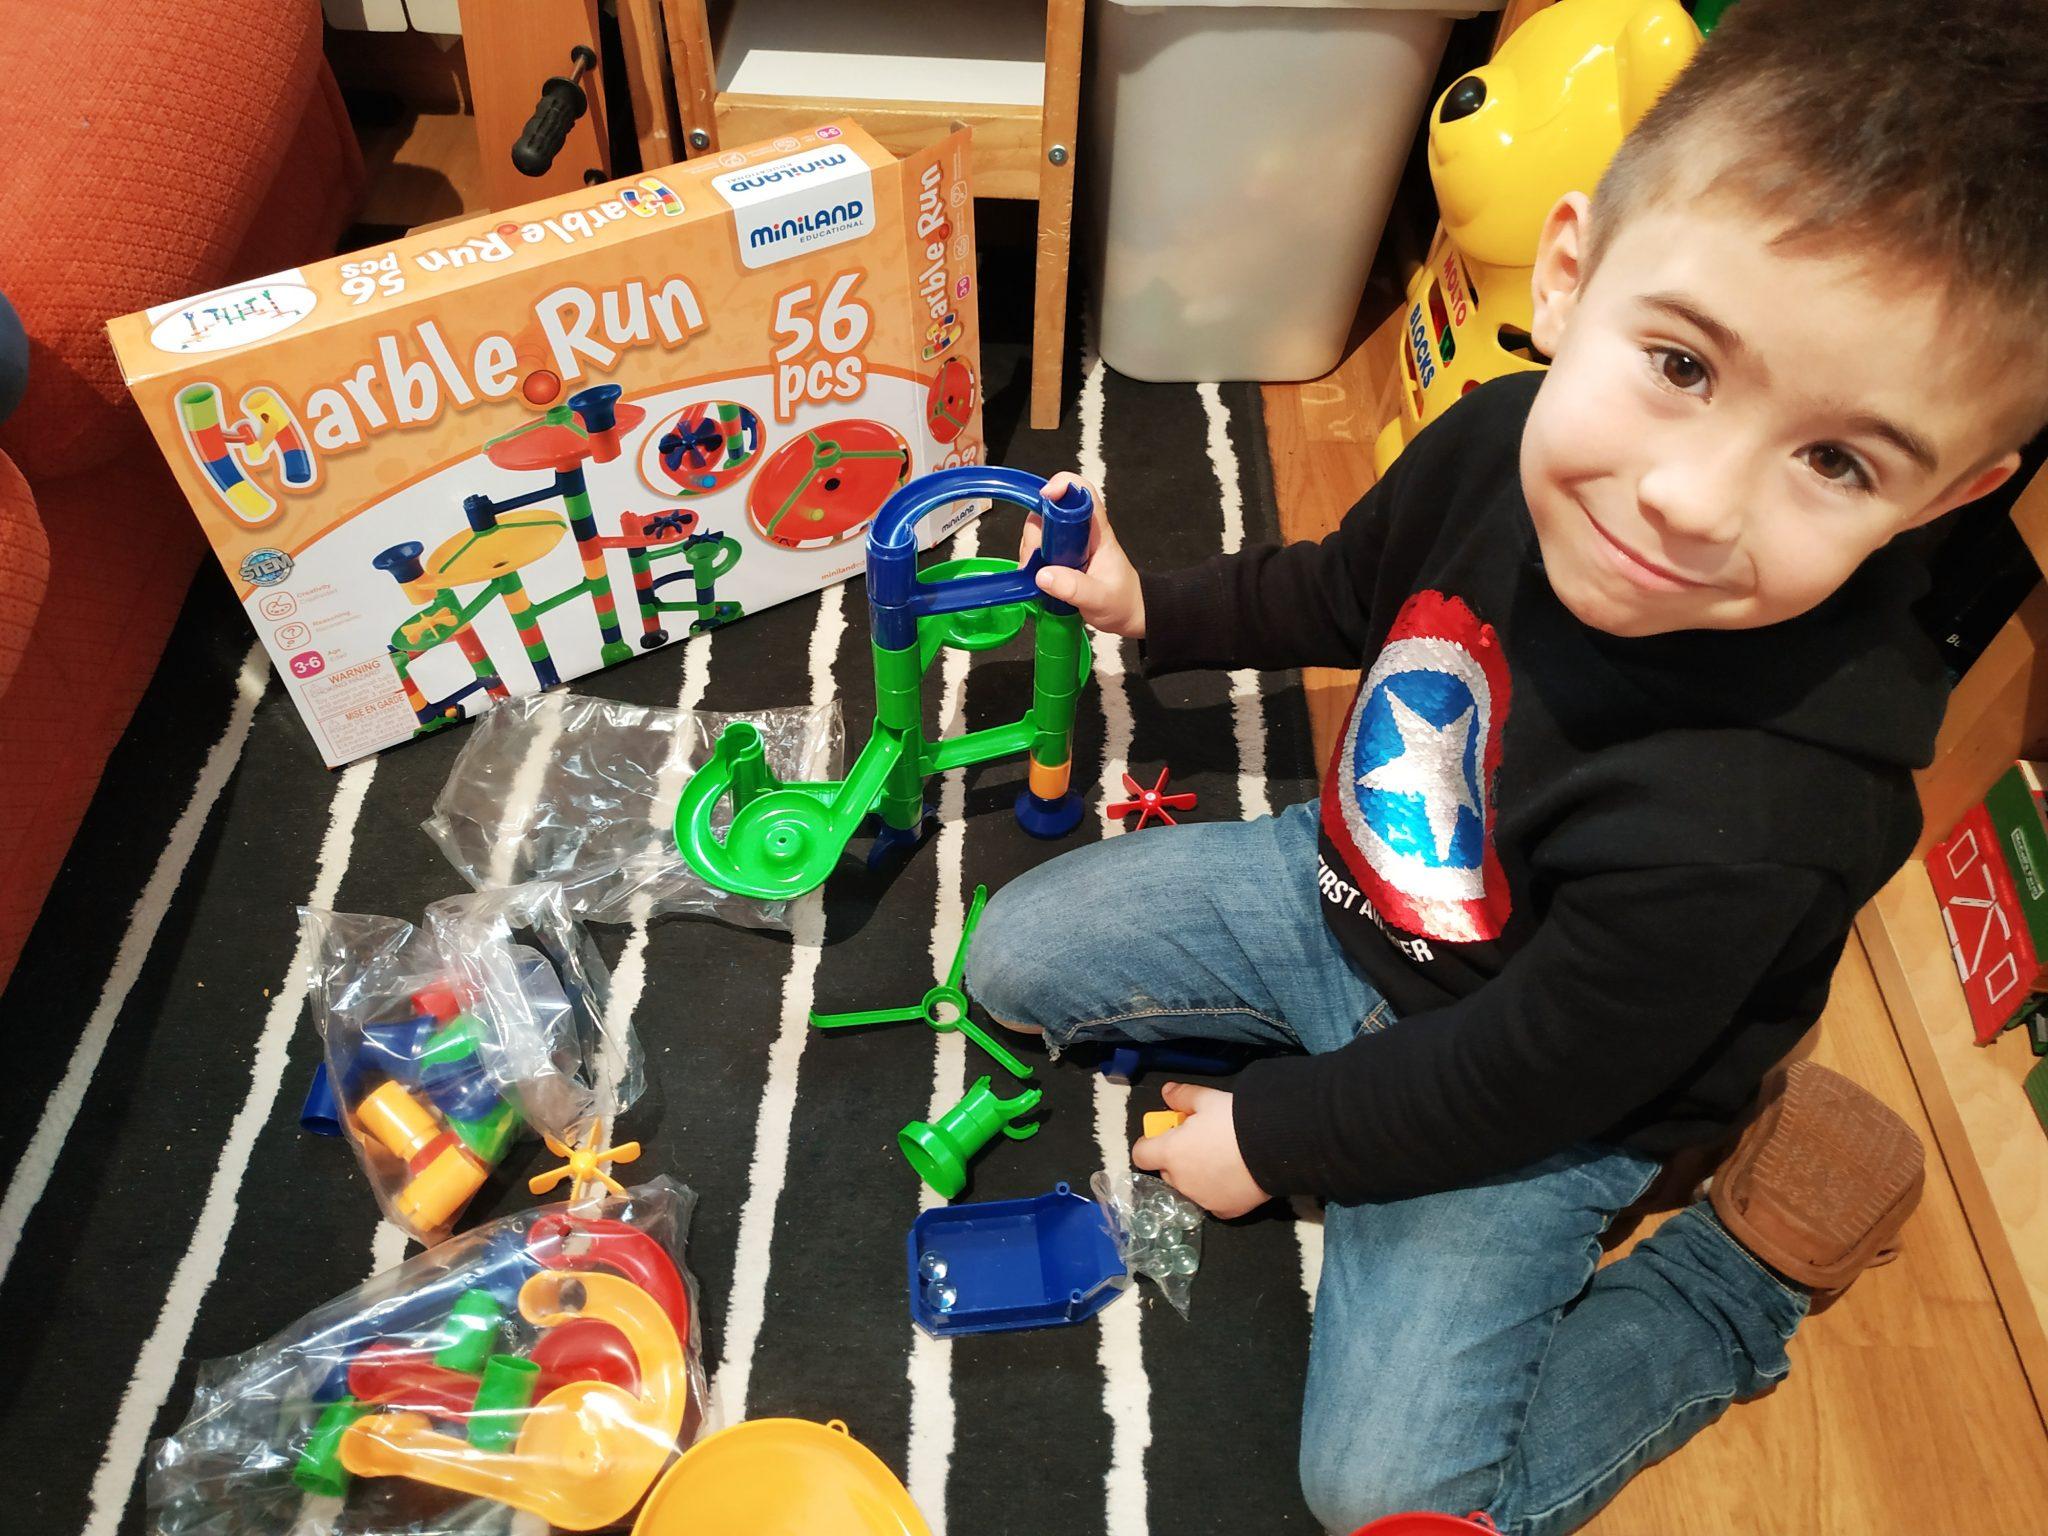 IMG 20190409 095125 - Juegos didácticos para niños de 6 años